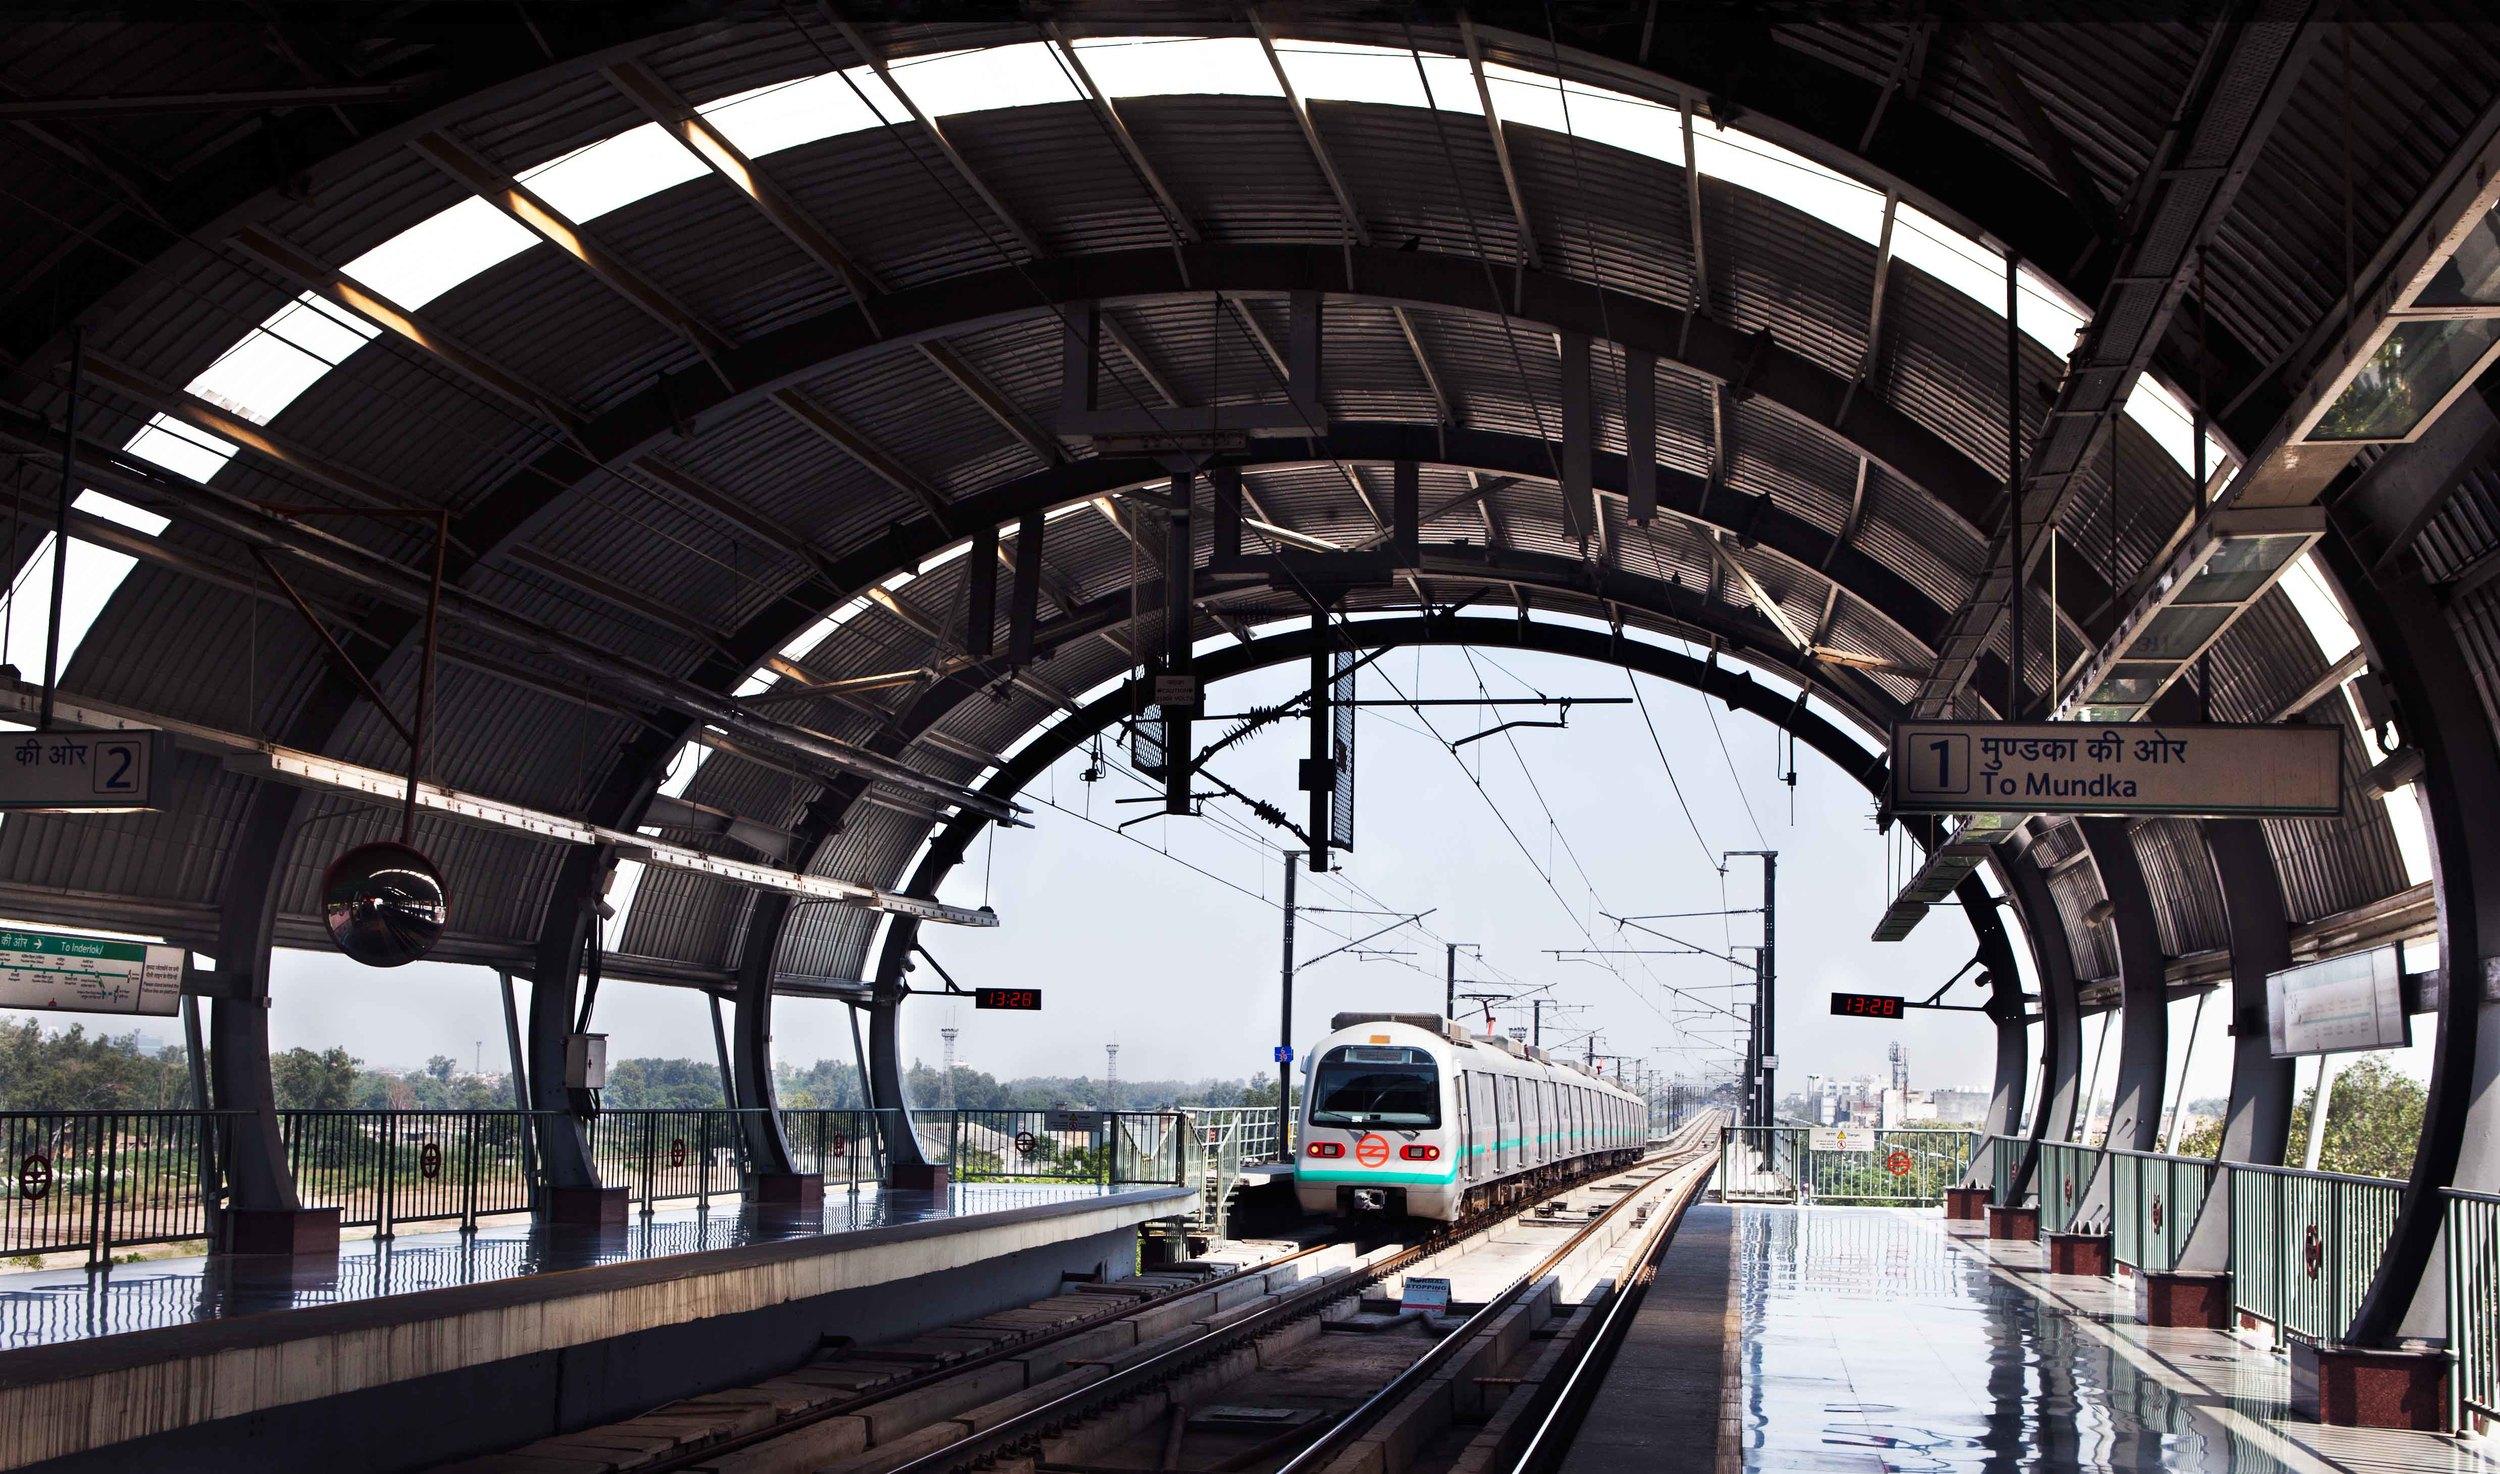 dj20111011217-Edit.jpg